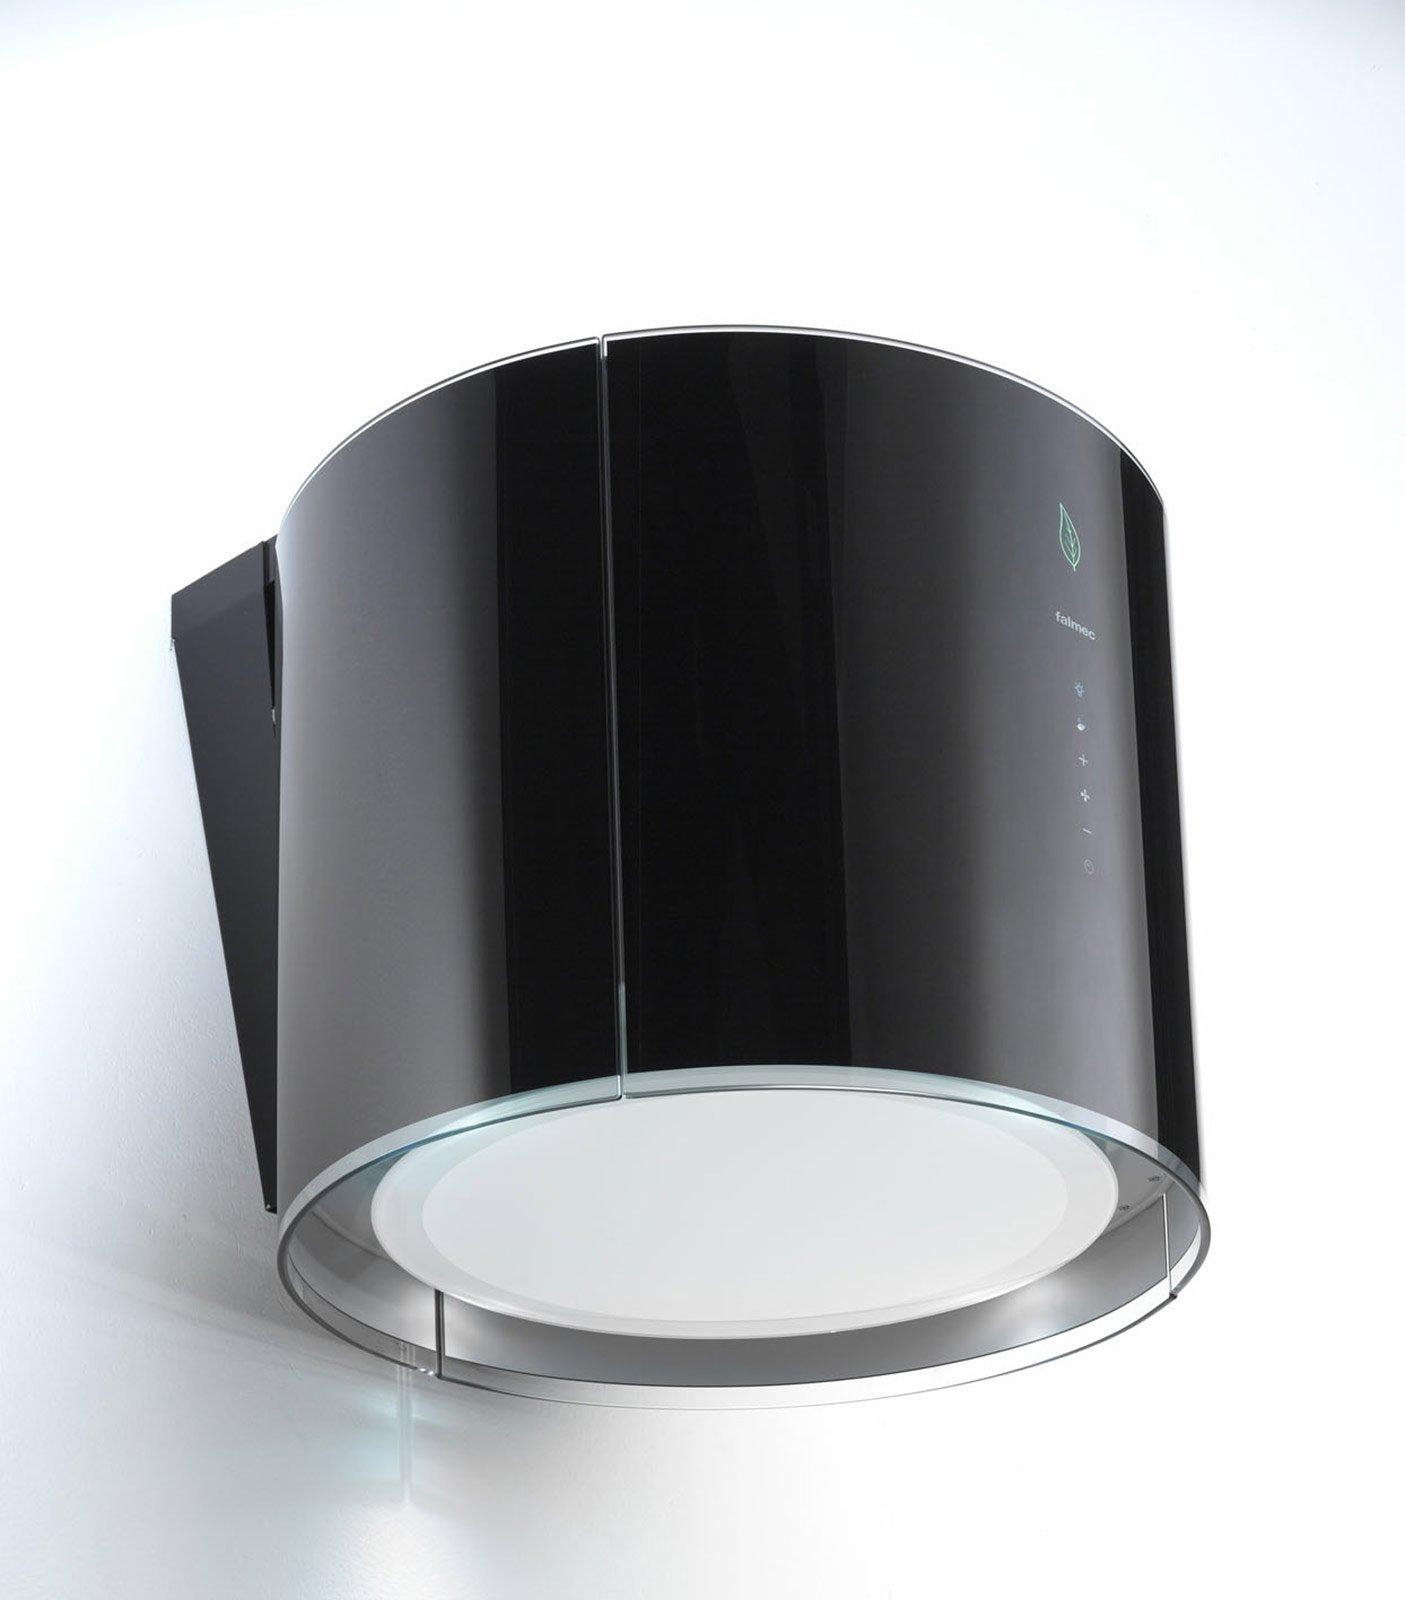 Elettrodomestici piccoli per risparmiare spazio cose di casa - Dimensioni cappa cucina ...